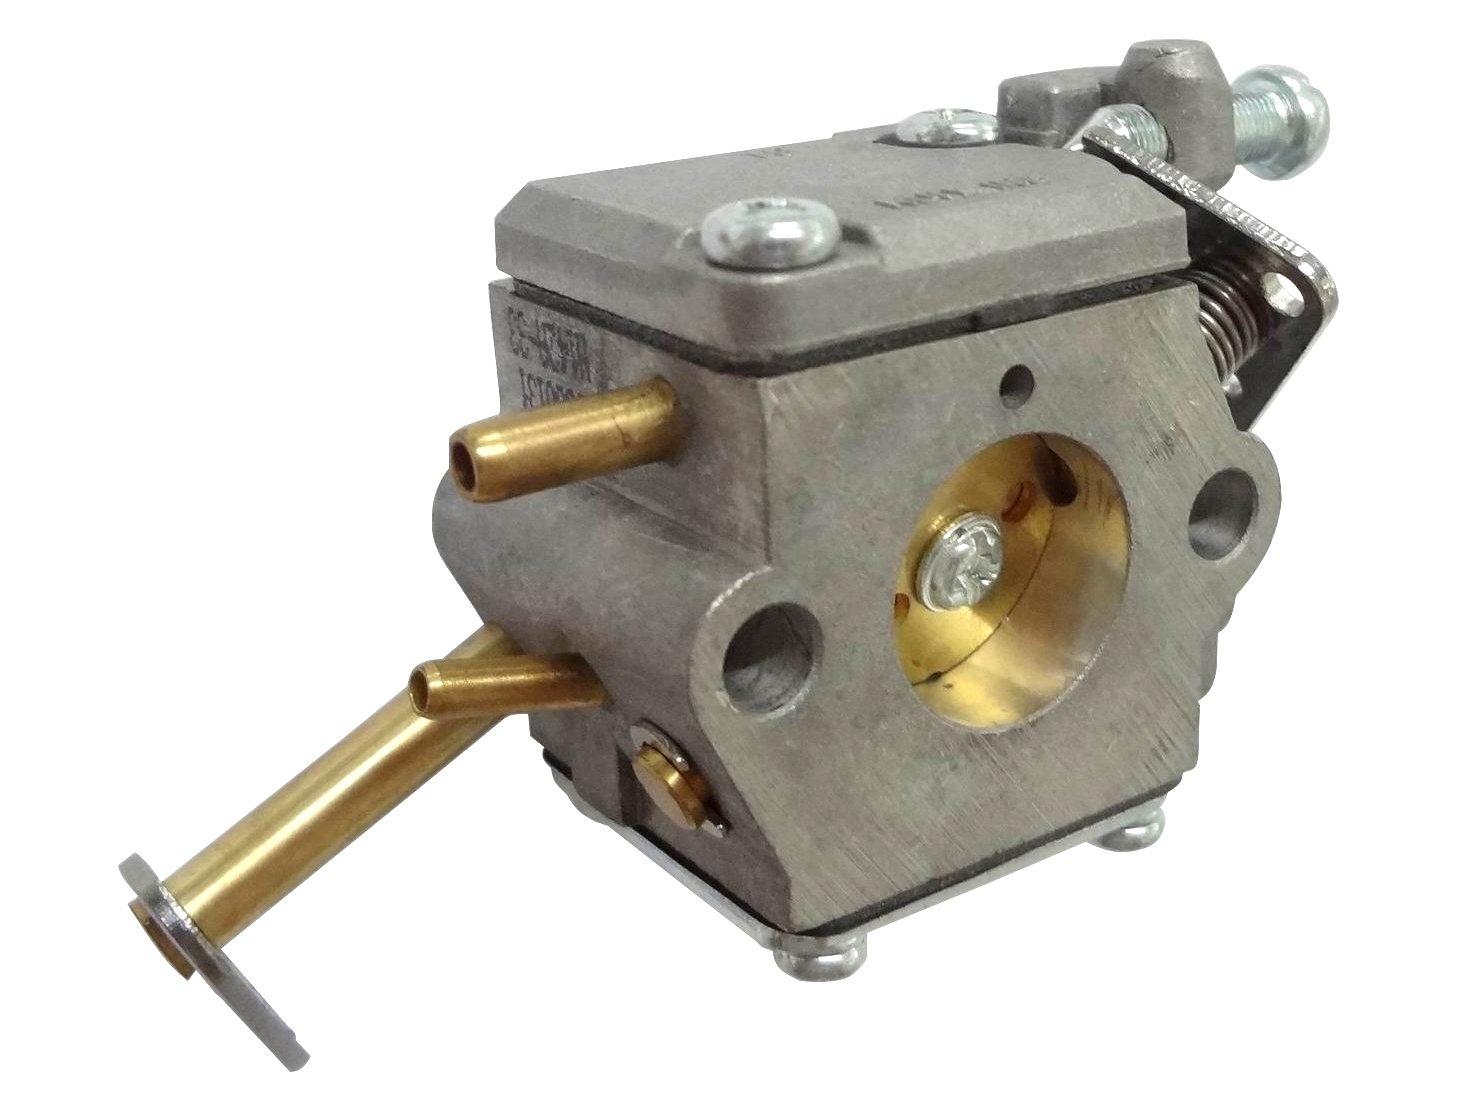 Carburetor for Homelite UT-10514 UT-10779 UT-10788 UT-10799R UT-10815 UT-10883 UT-10532 UT-10926 Ryobi RY74003D Carb Chainsaw